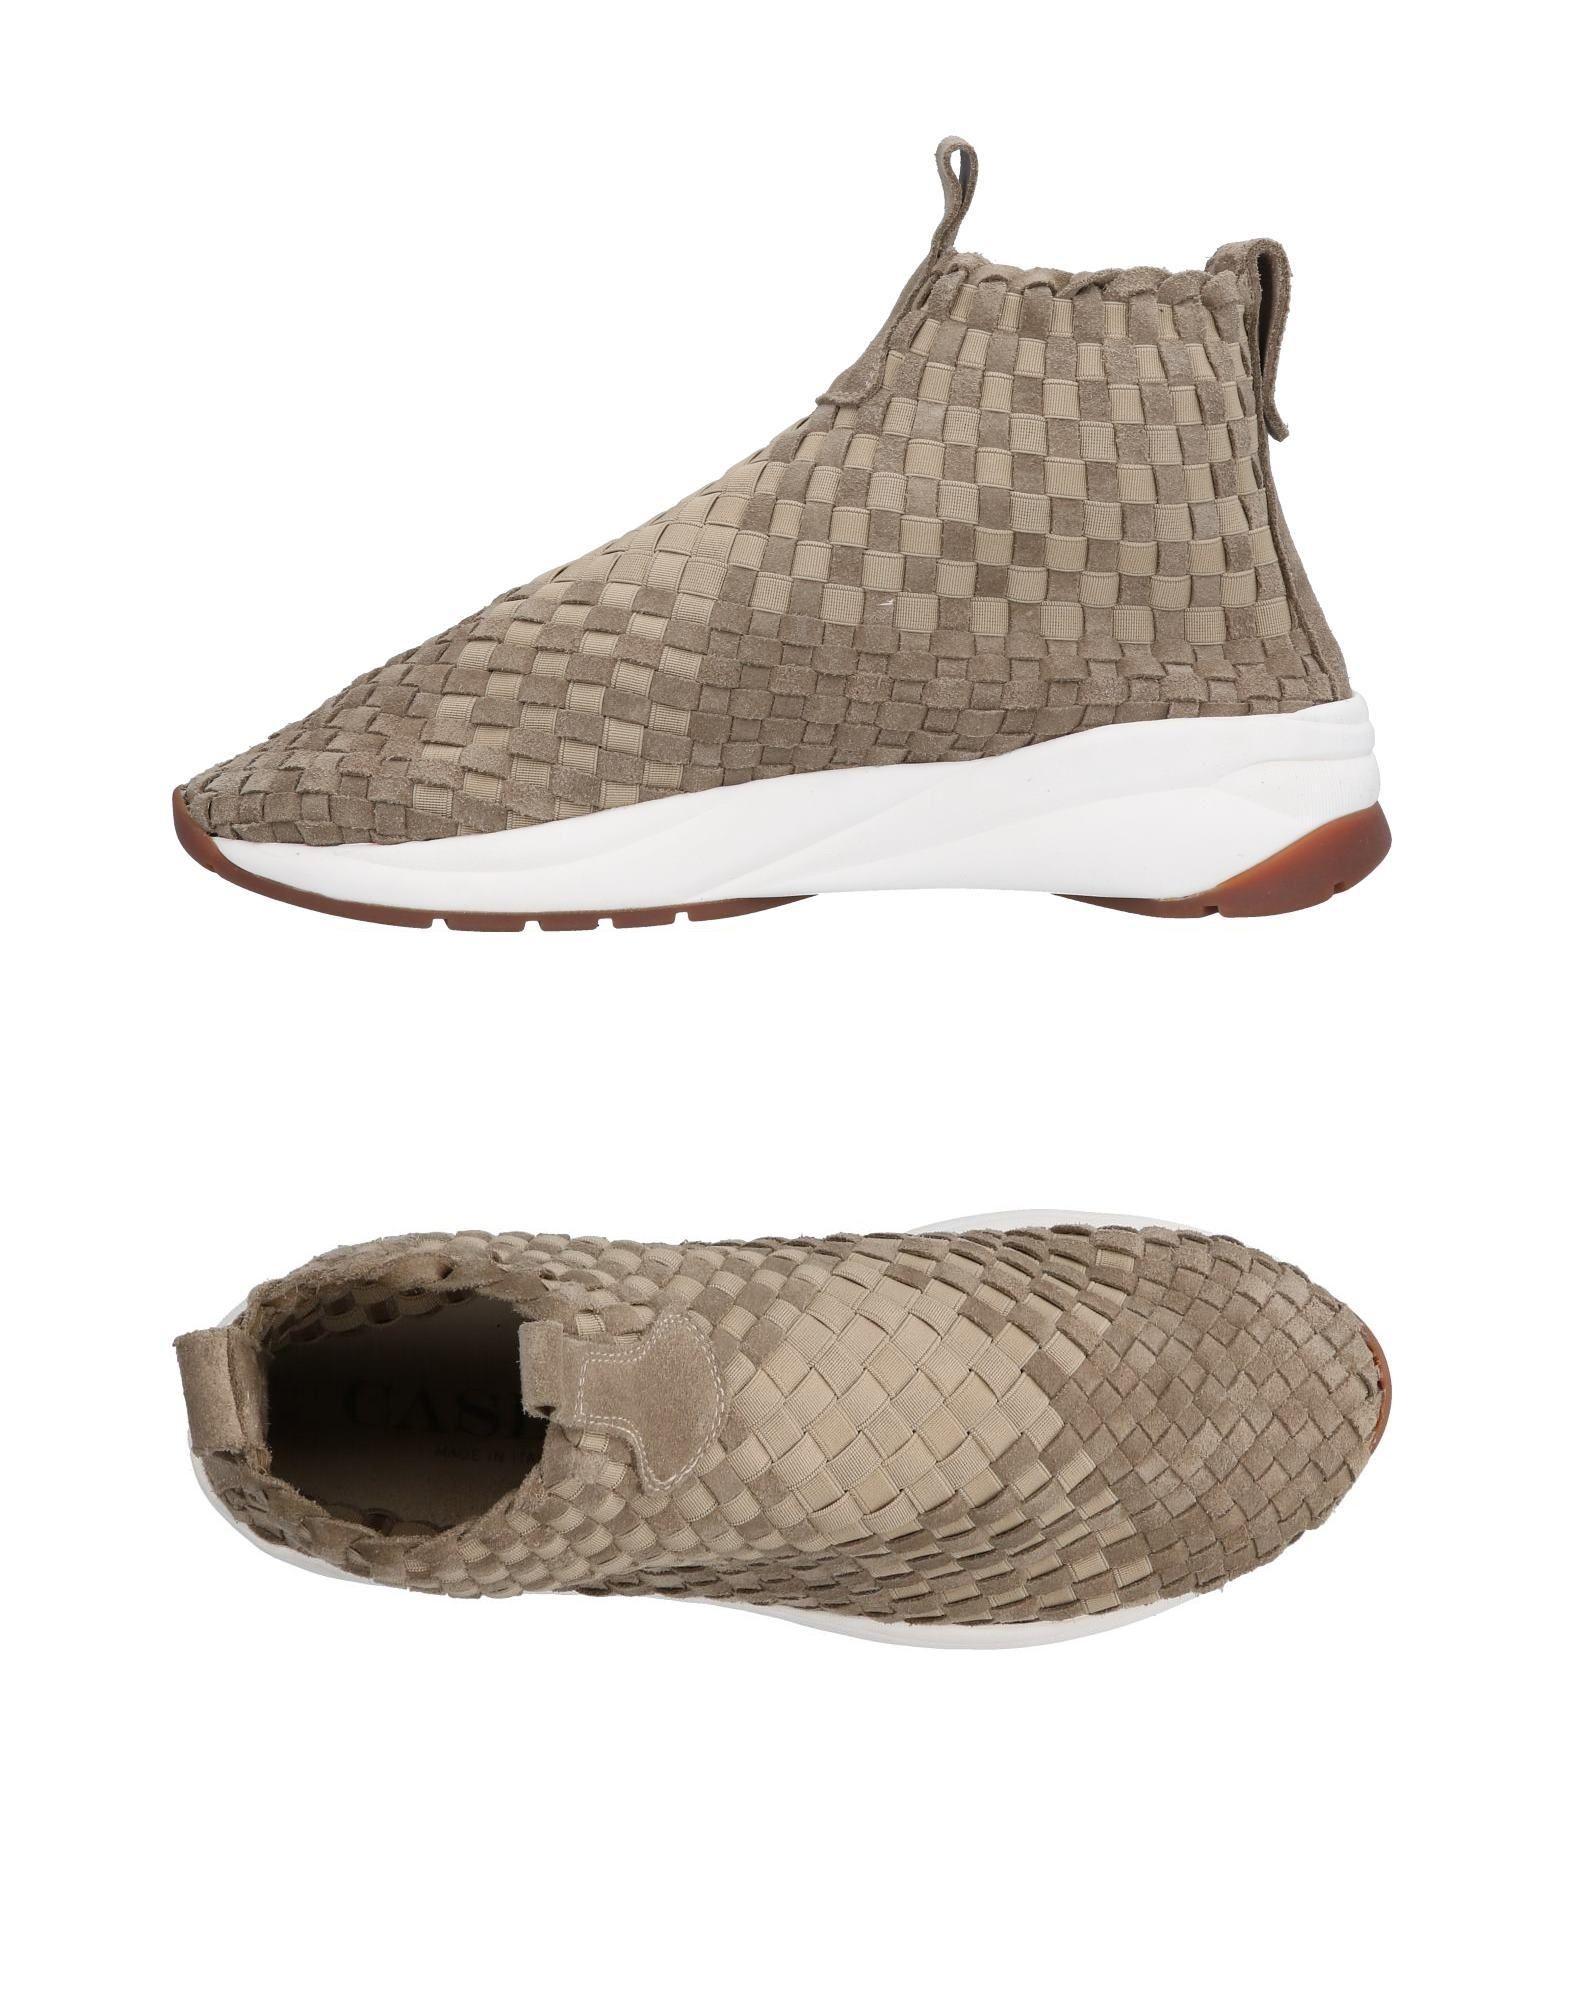 Casbia Herren Sneakers Herren Casbia  11501969DU Heiße Schuhe d9a54e